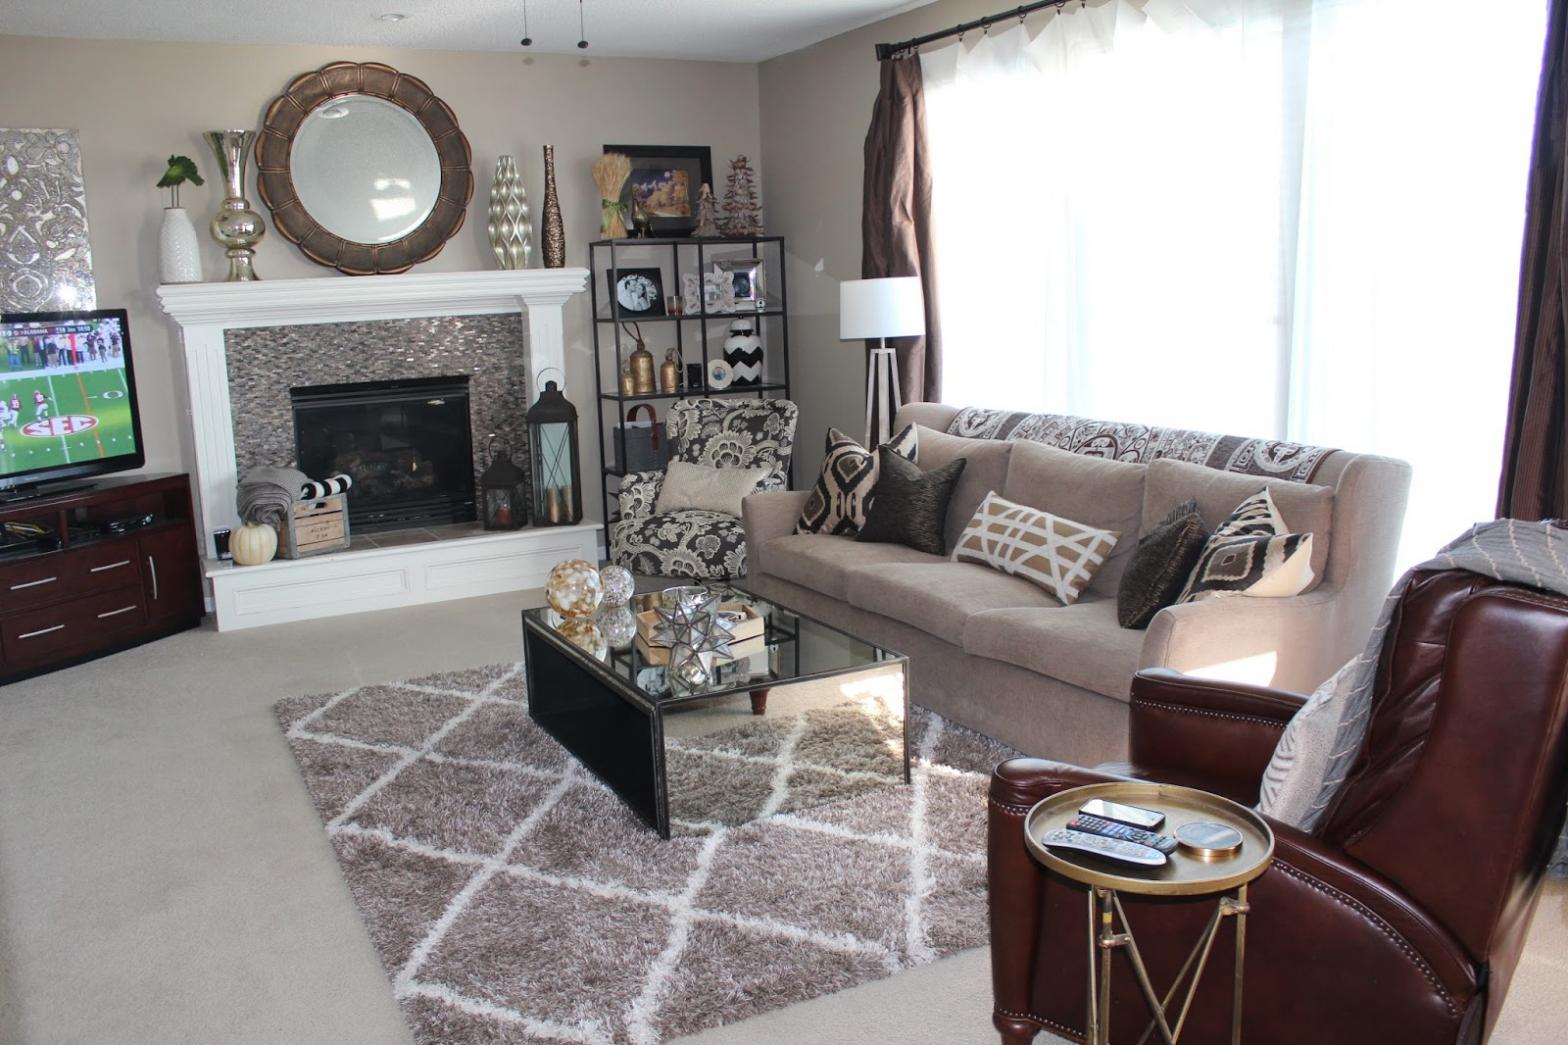 rugs on carpet rug on carpet. area rug on carpet home and interior SMVGPFM